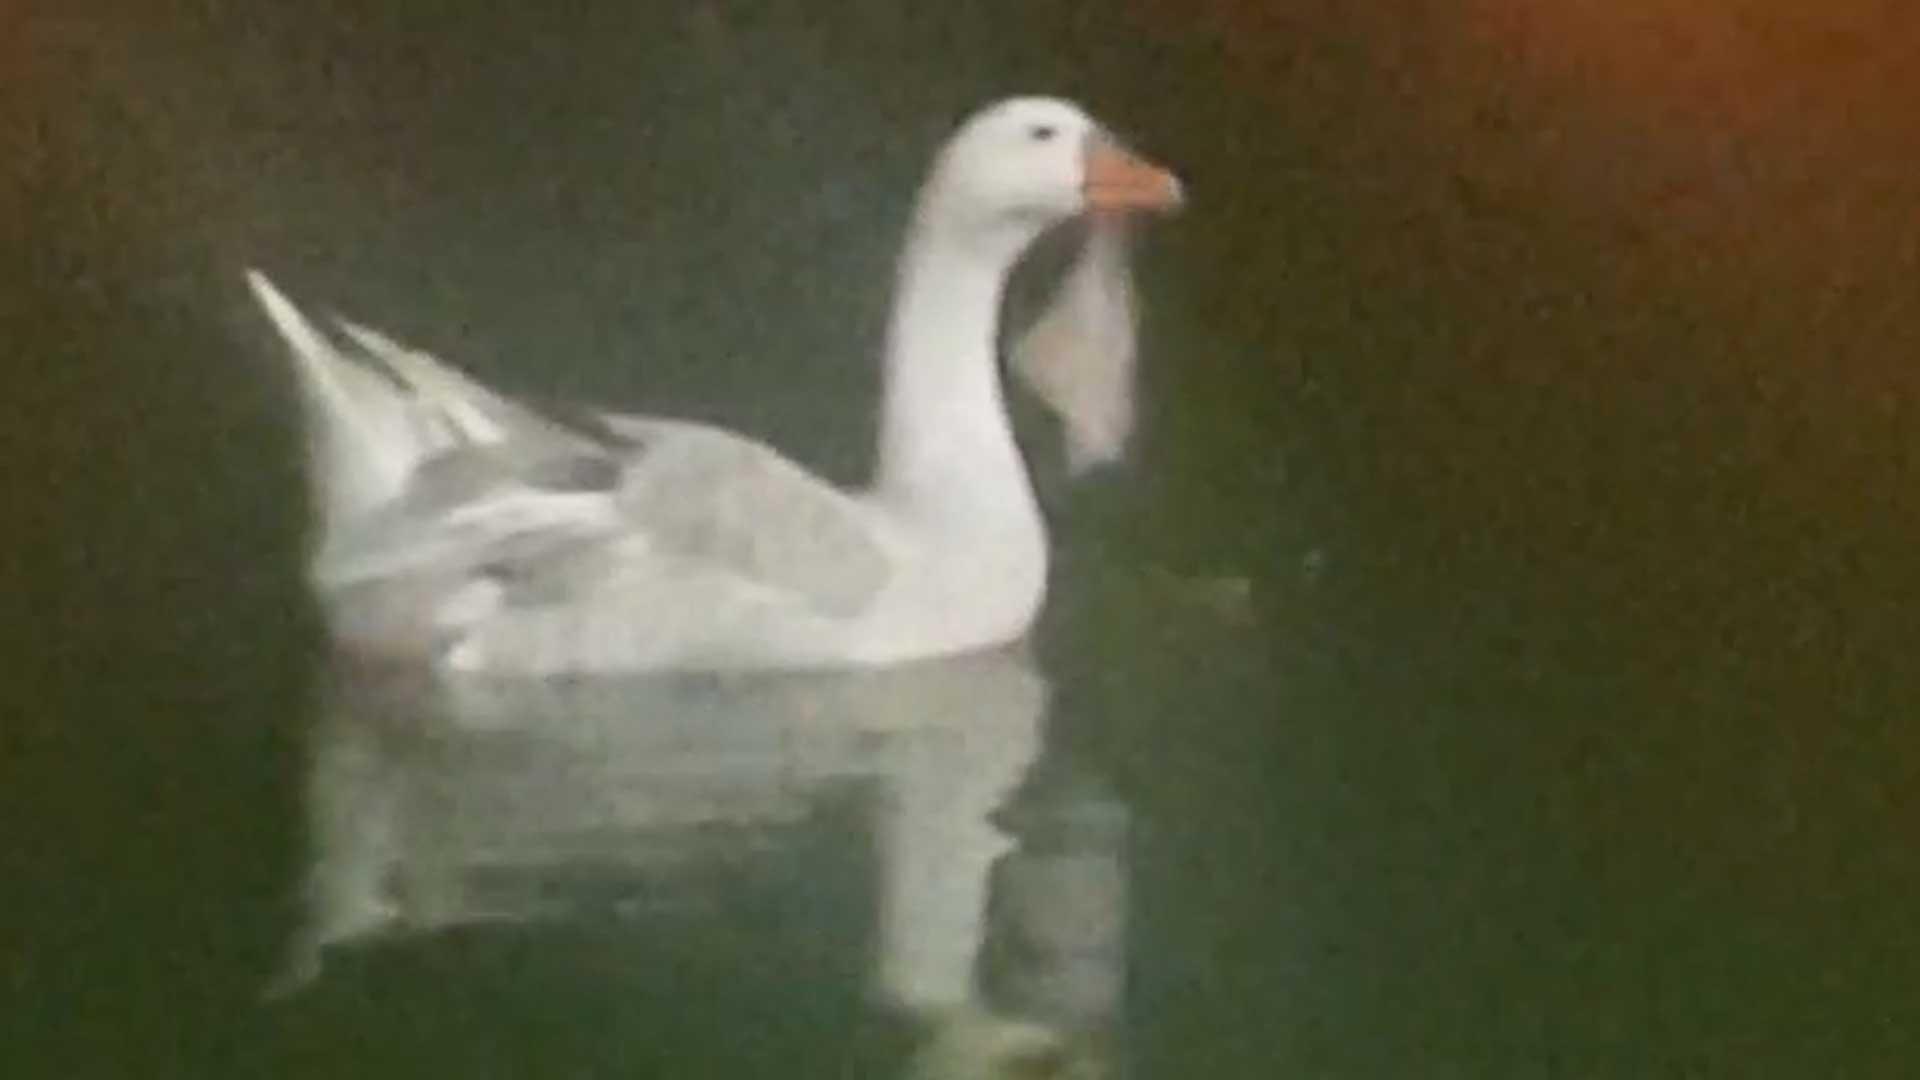 ברווז עם שקית ניילון תקועה בפיו. צילום: ענת מנדלוביץ'